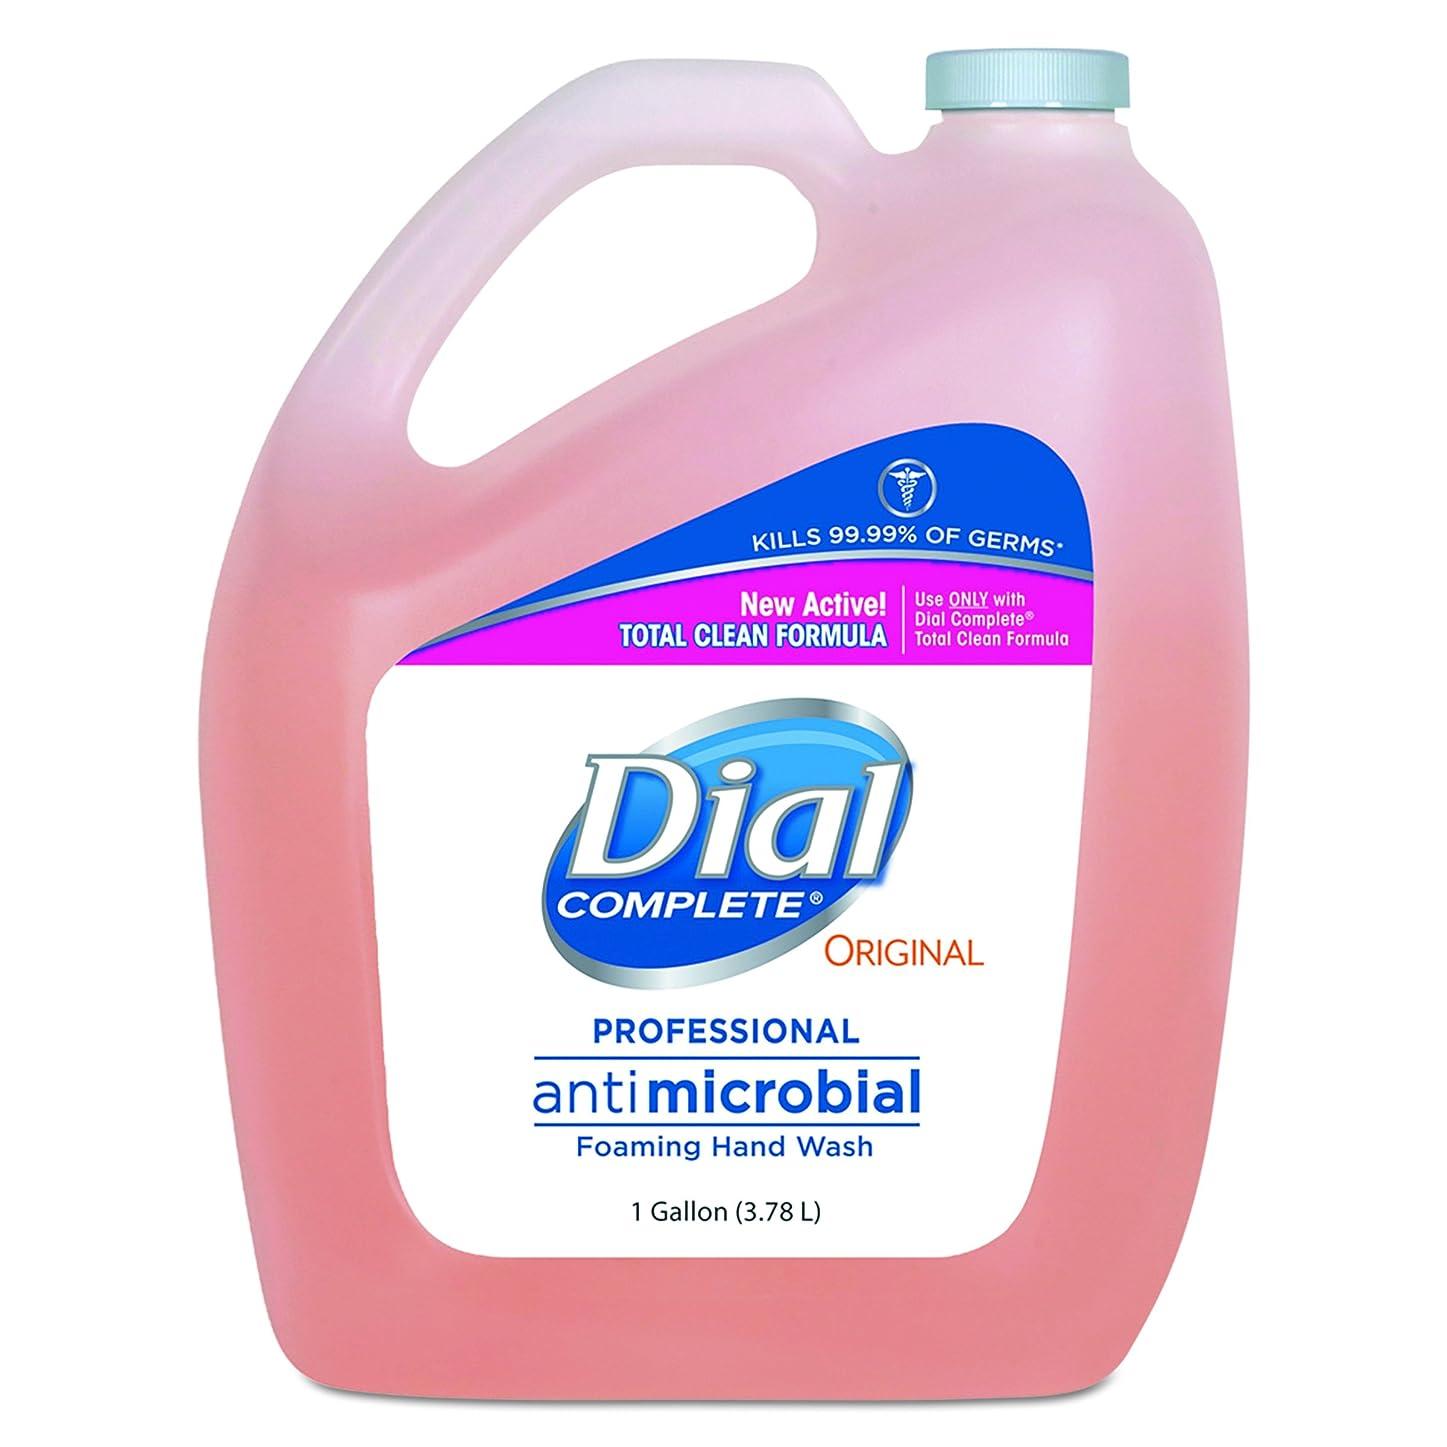 凝視エミュレートする形ダイヤルProfessional抗菌Foaming Hand Soap、元香り, 1?gal。、4?/カートン